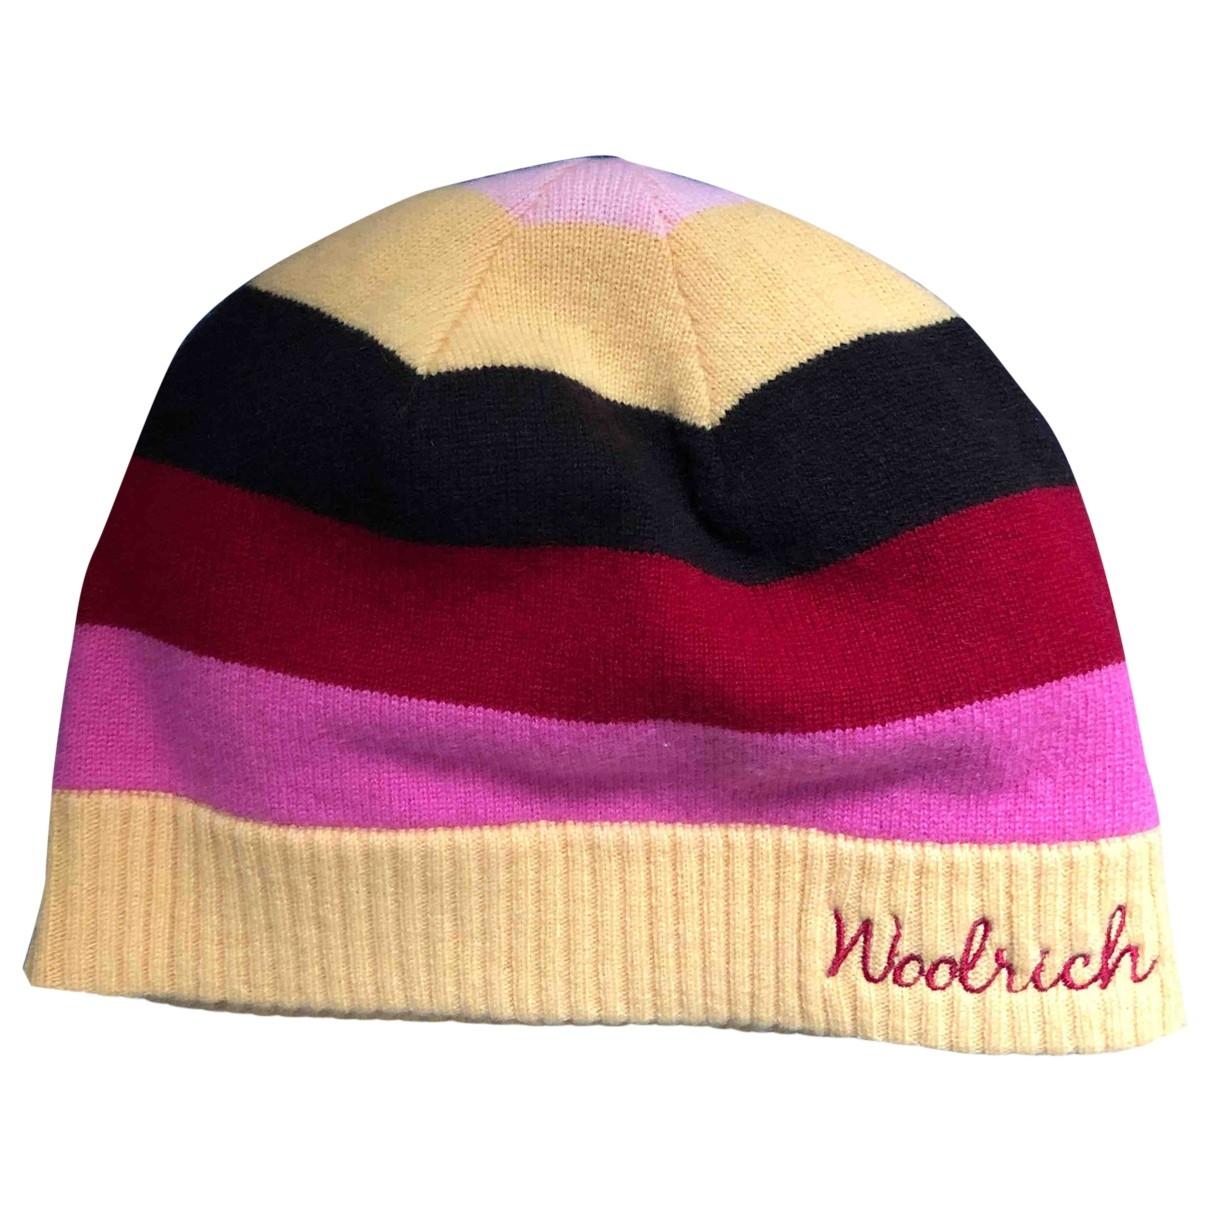 Woolrich - Chapeau   pour femme en cachemire - multicolore